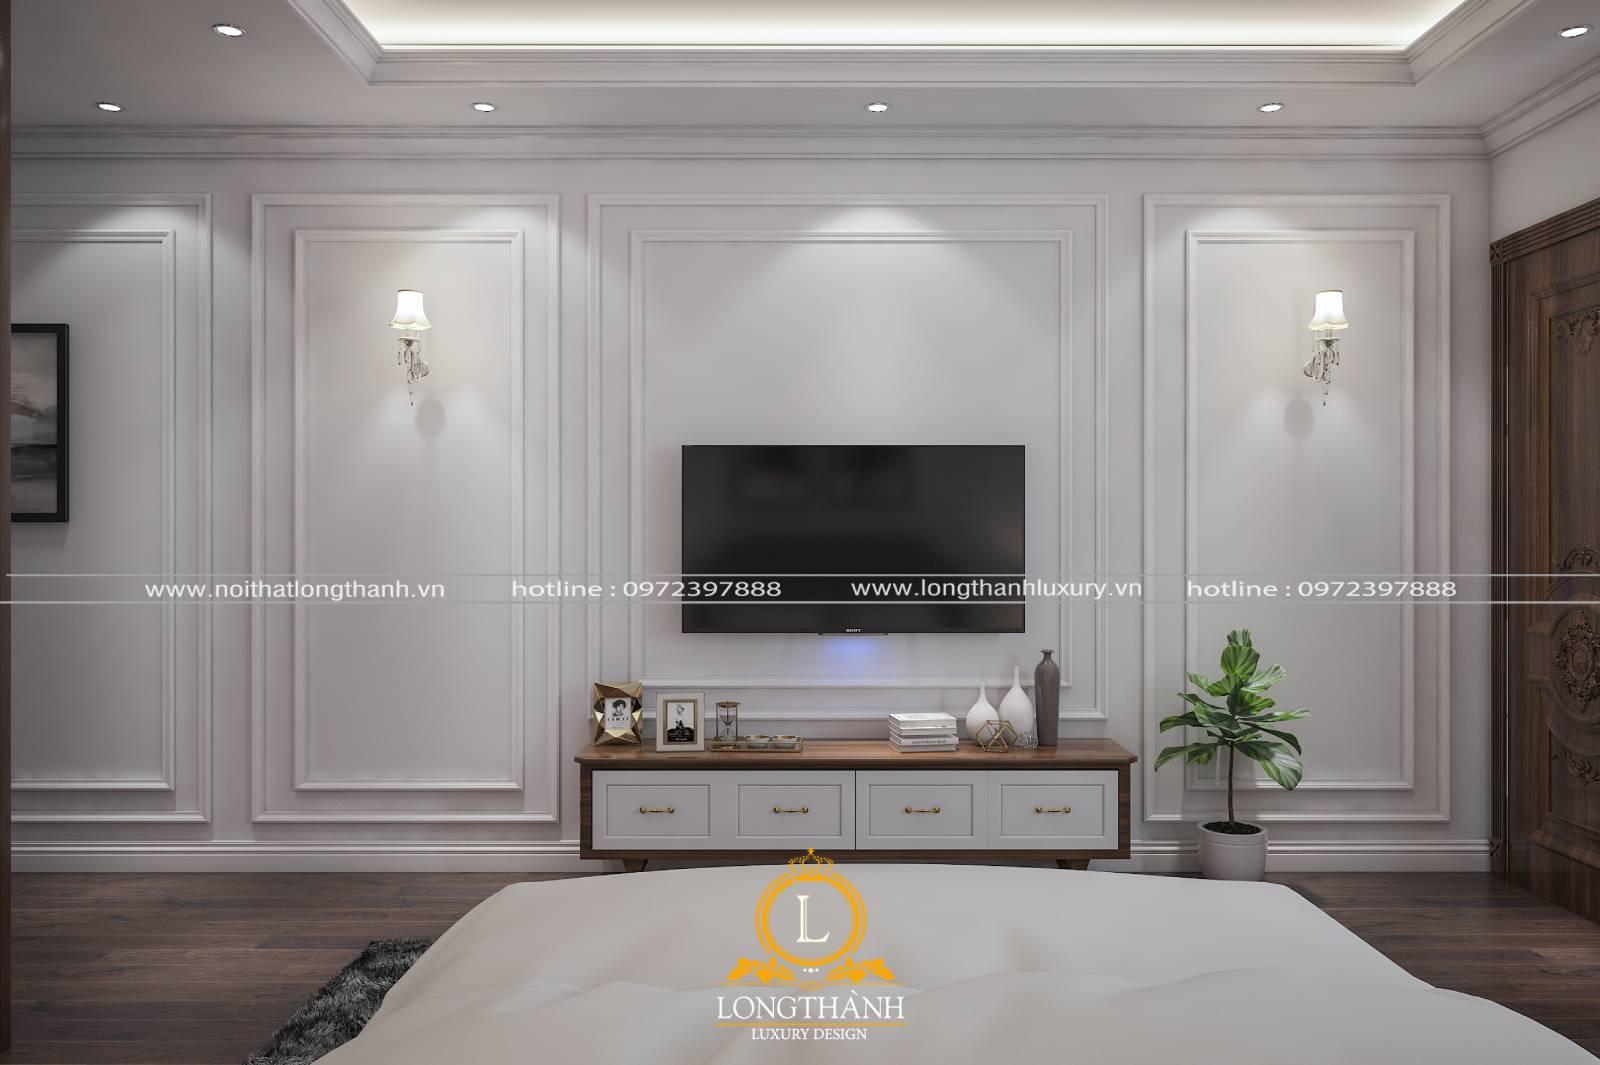 Mẫu nội thất phòng ngủ phong cách tân cổ điển sang trọng hiện đại